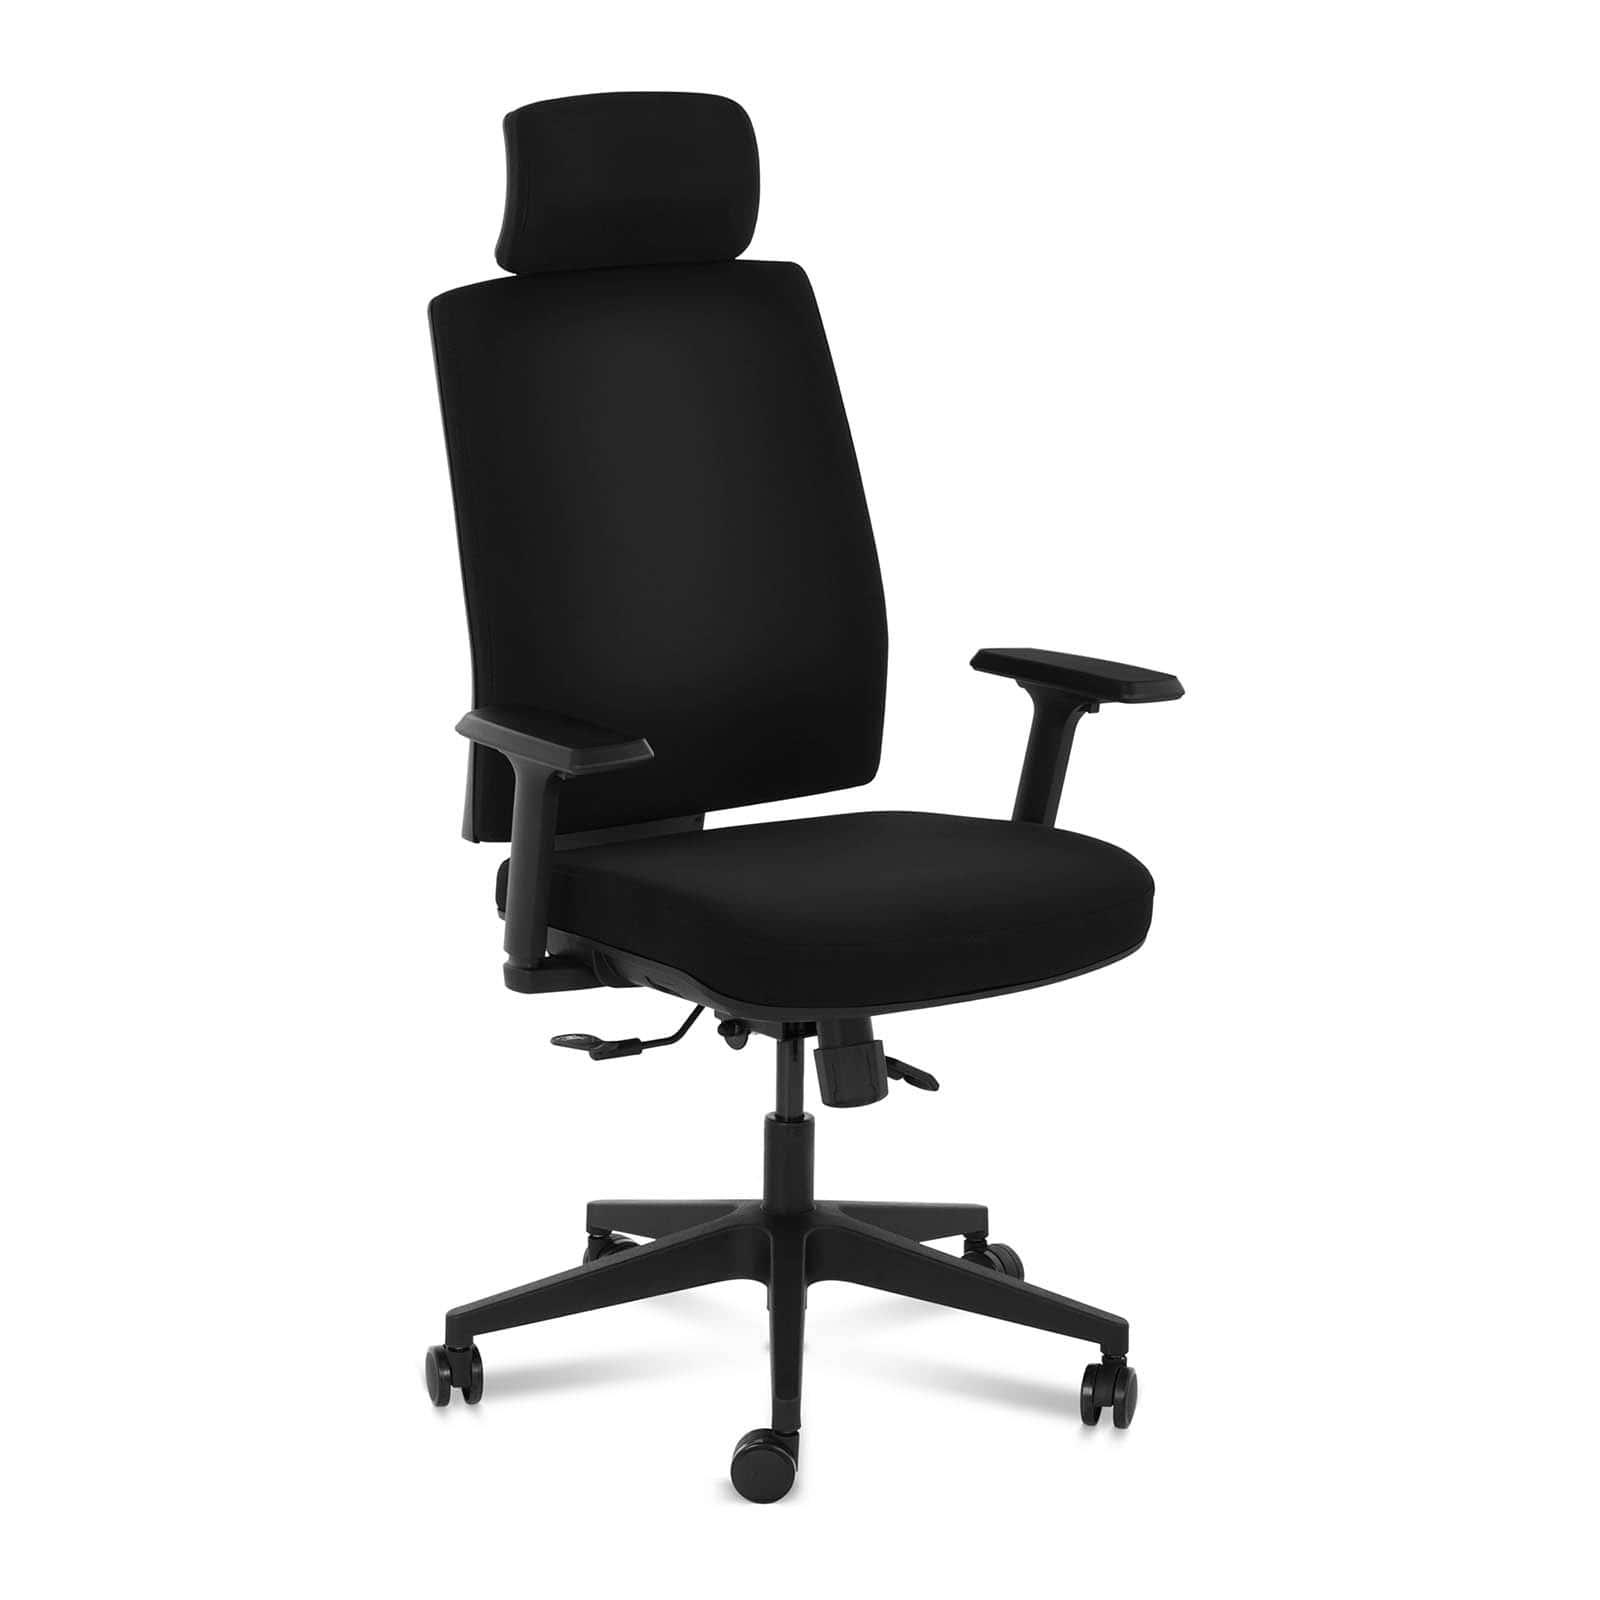 Bästa ergonomiska skrivbordsstolarna till ditt kontor